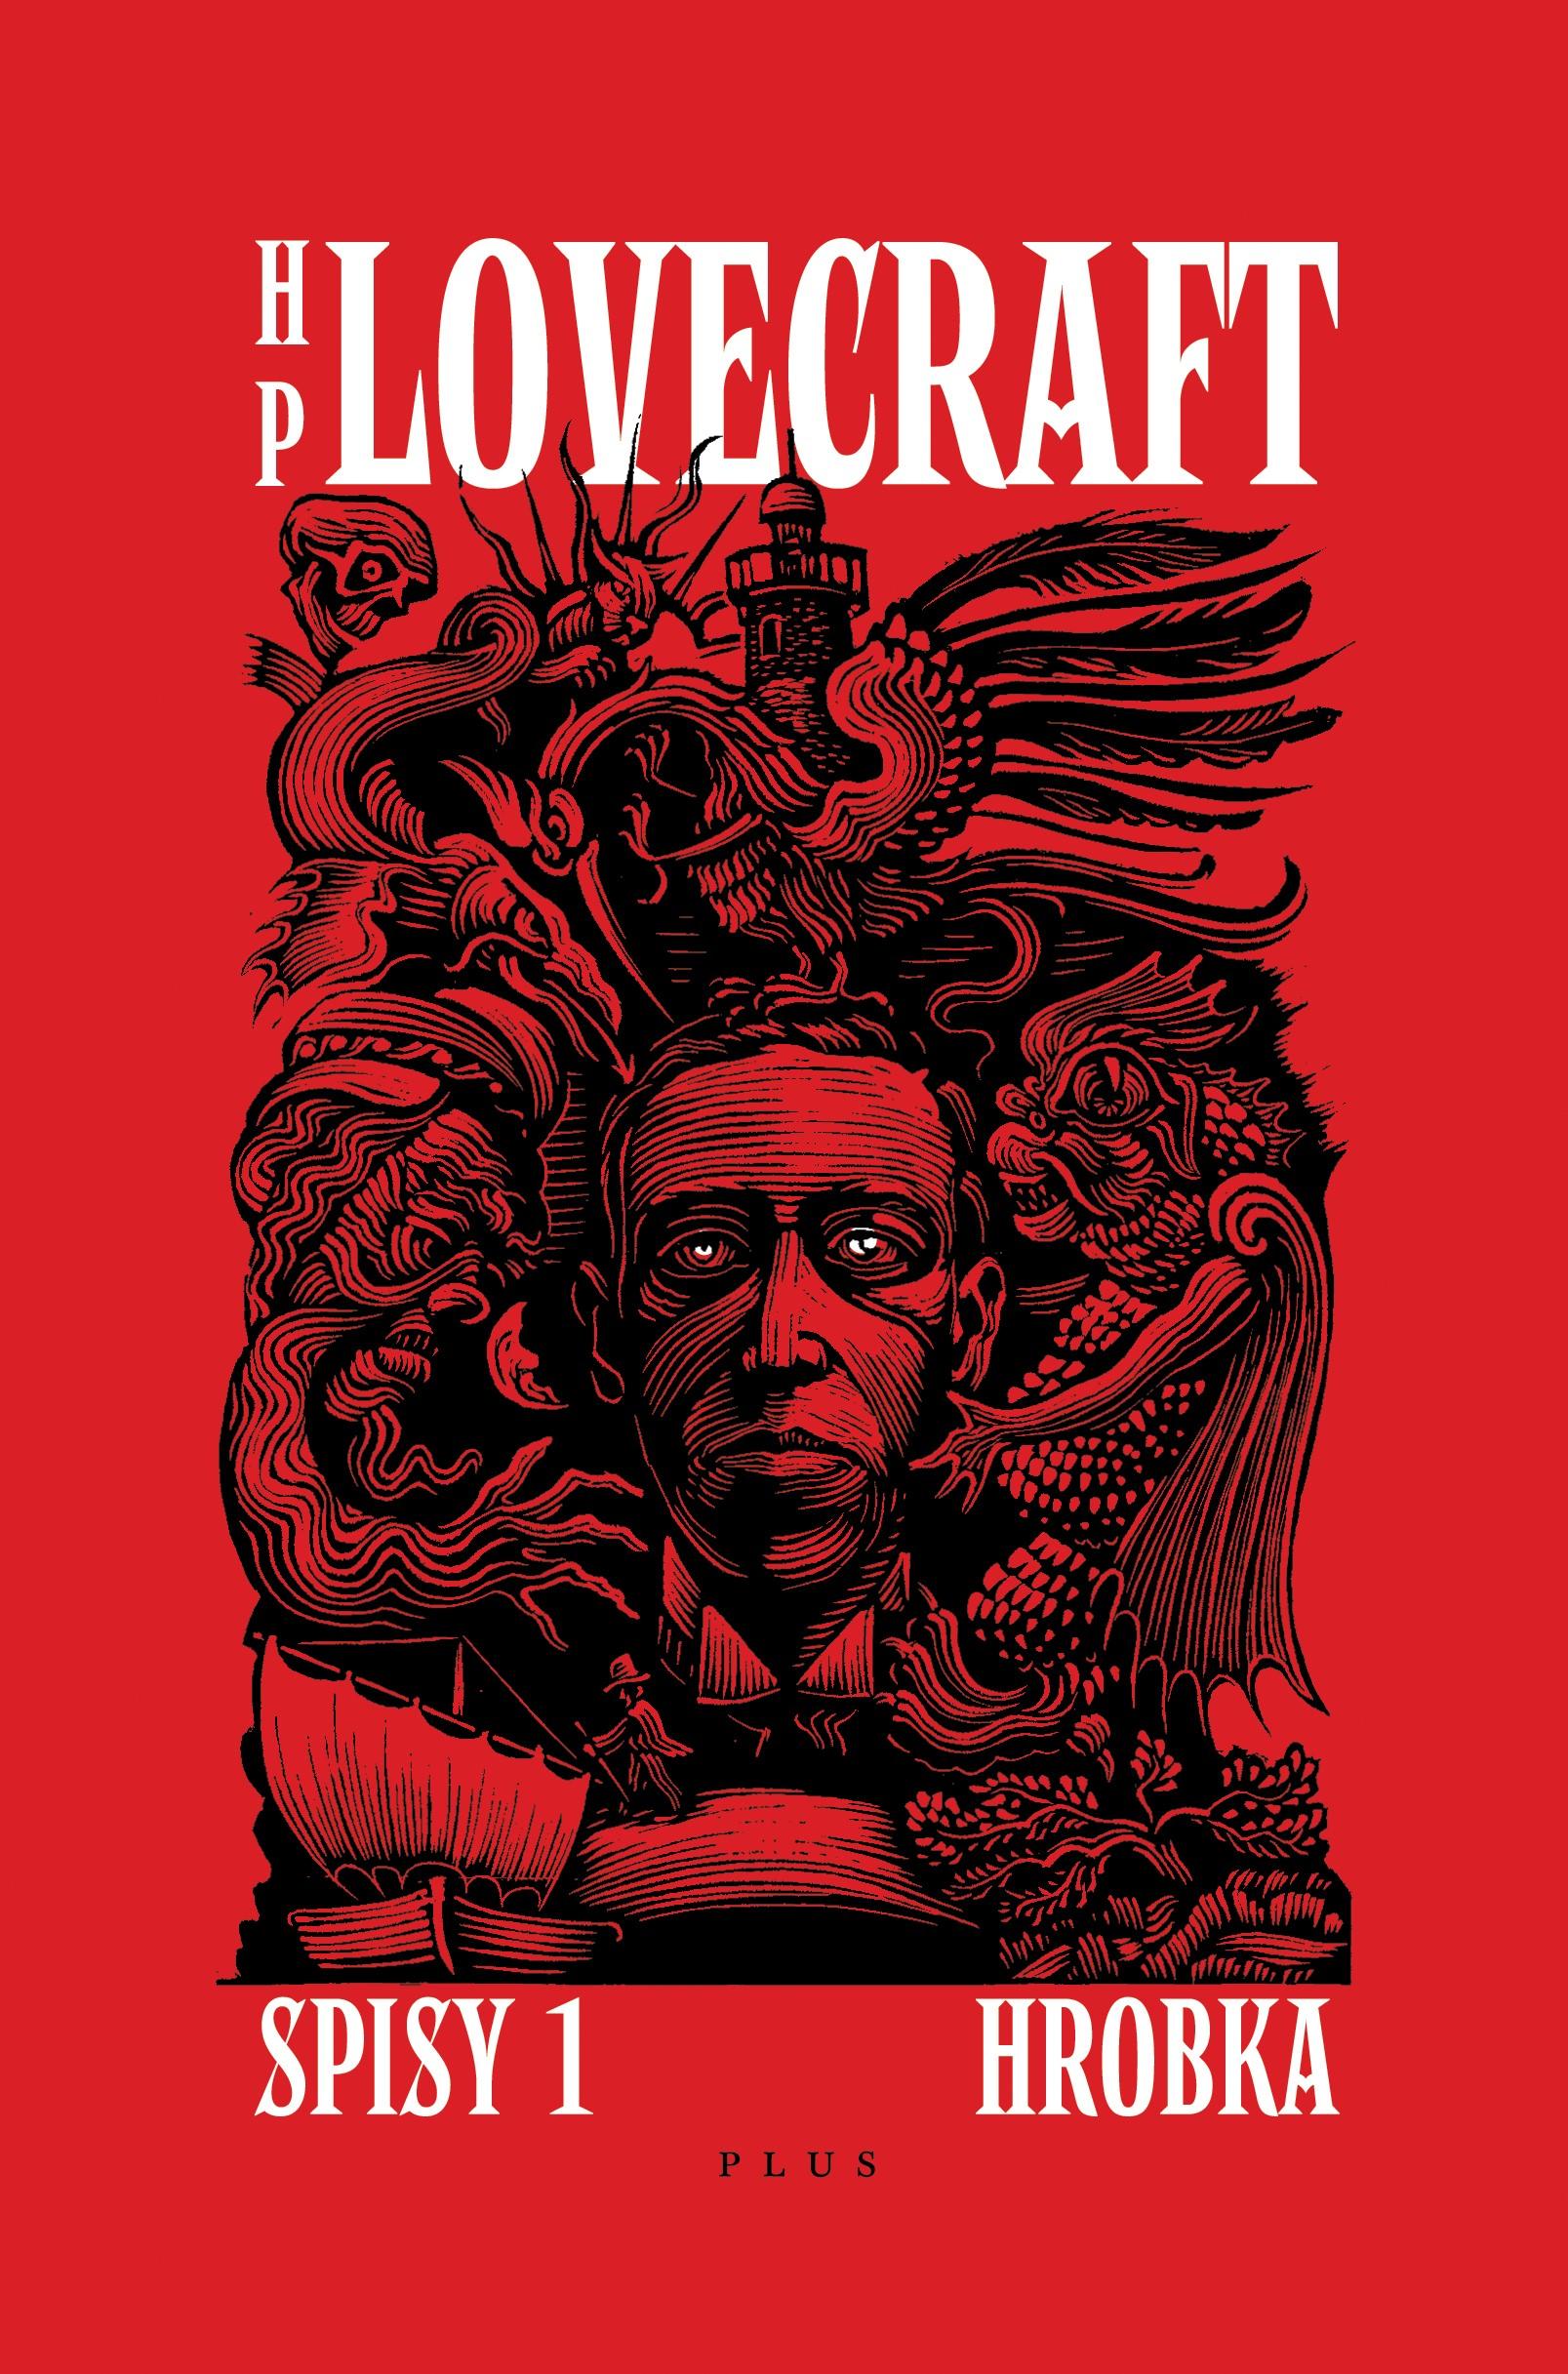 Hrobka - Příběhy a vize z let 1917-1920 | Howard P. Lovecraft